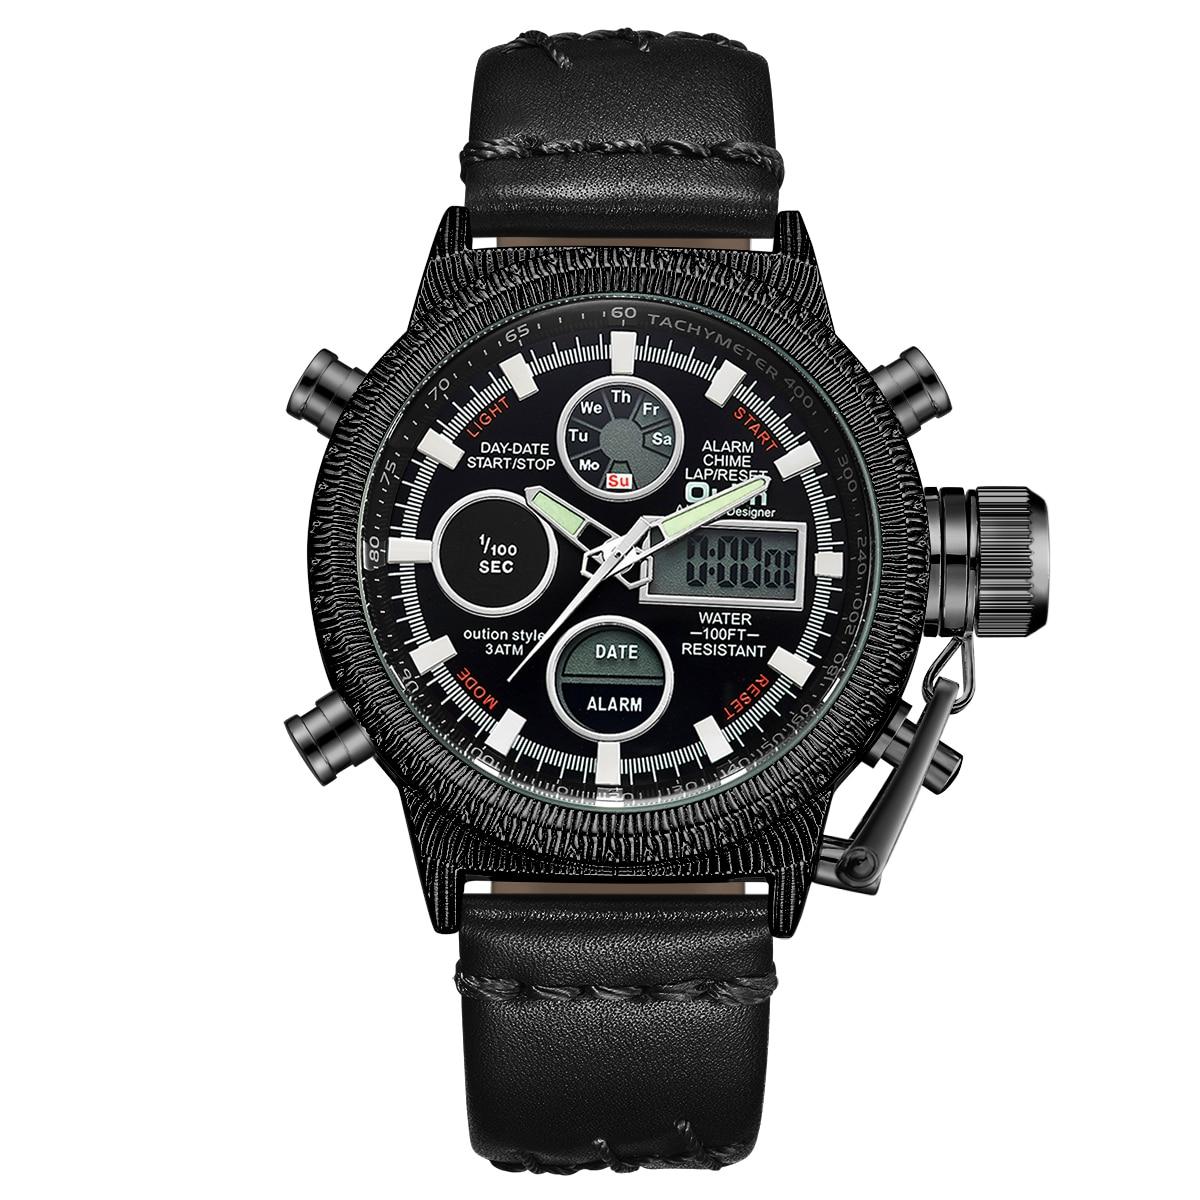 Oulm hommes montres de luxe marque en cuir montre de sport hommes Unique hommes Quartz LED horloge numérique étanche montre-bracelet militaire - 3